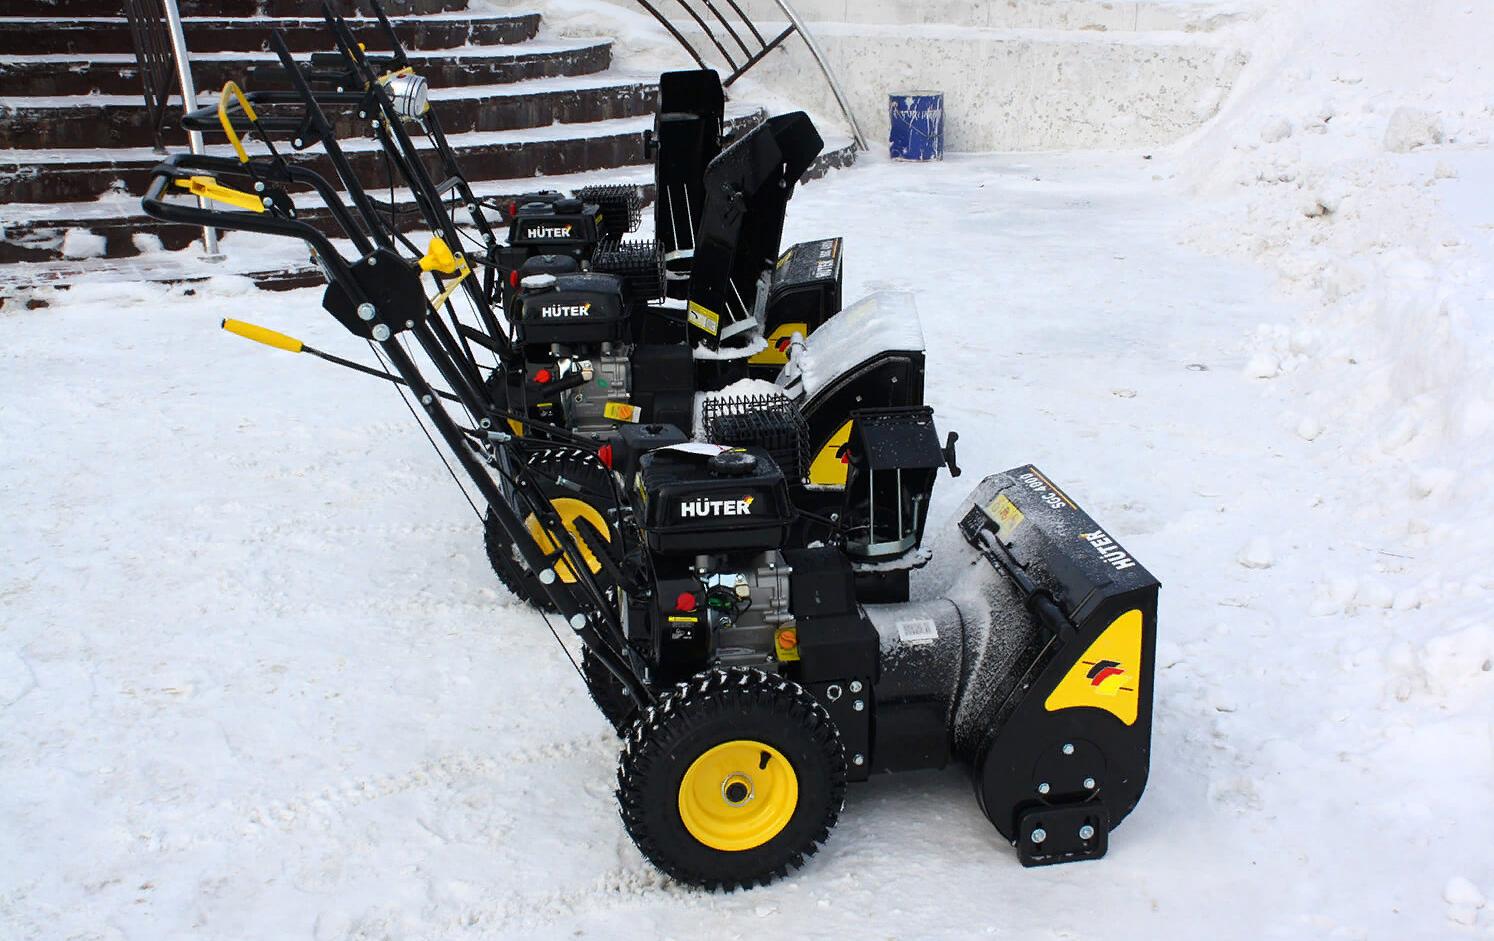 Снегоуборщик huter sgc 4000. технические характеристики и правила эксплуатации